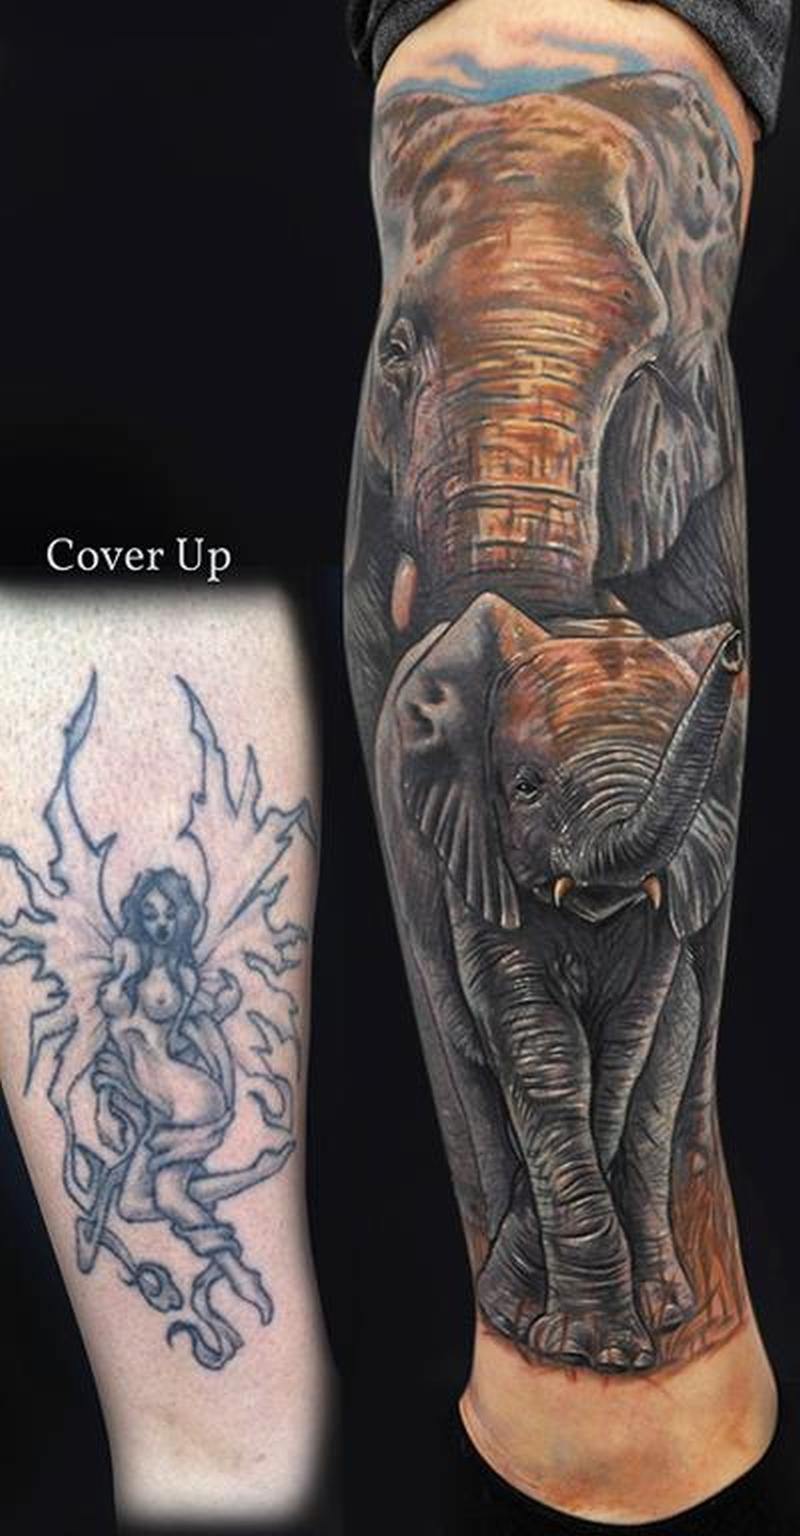 Elephant cover up tattoo design